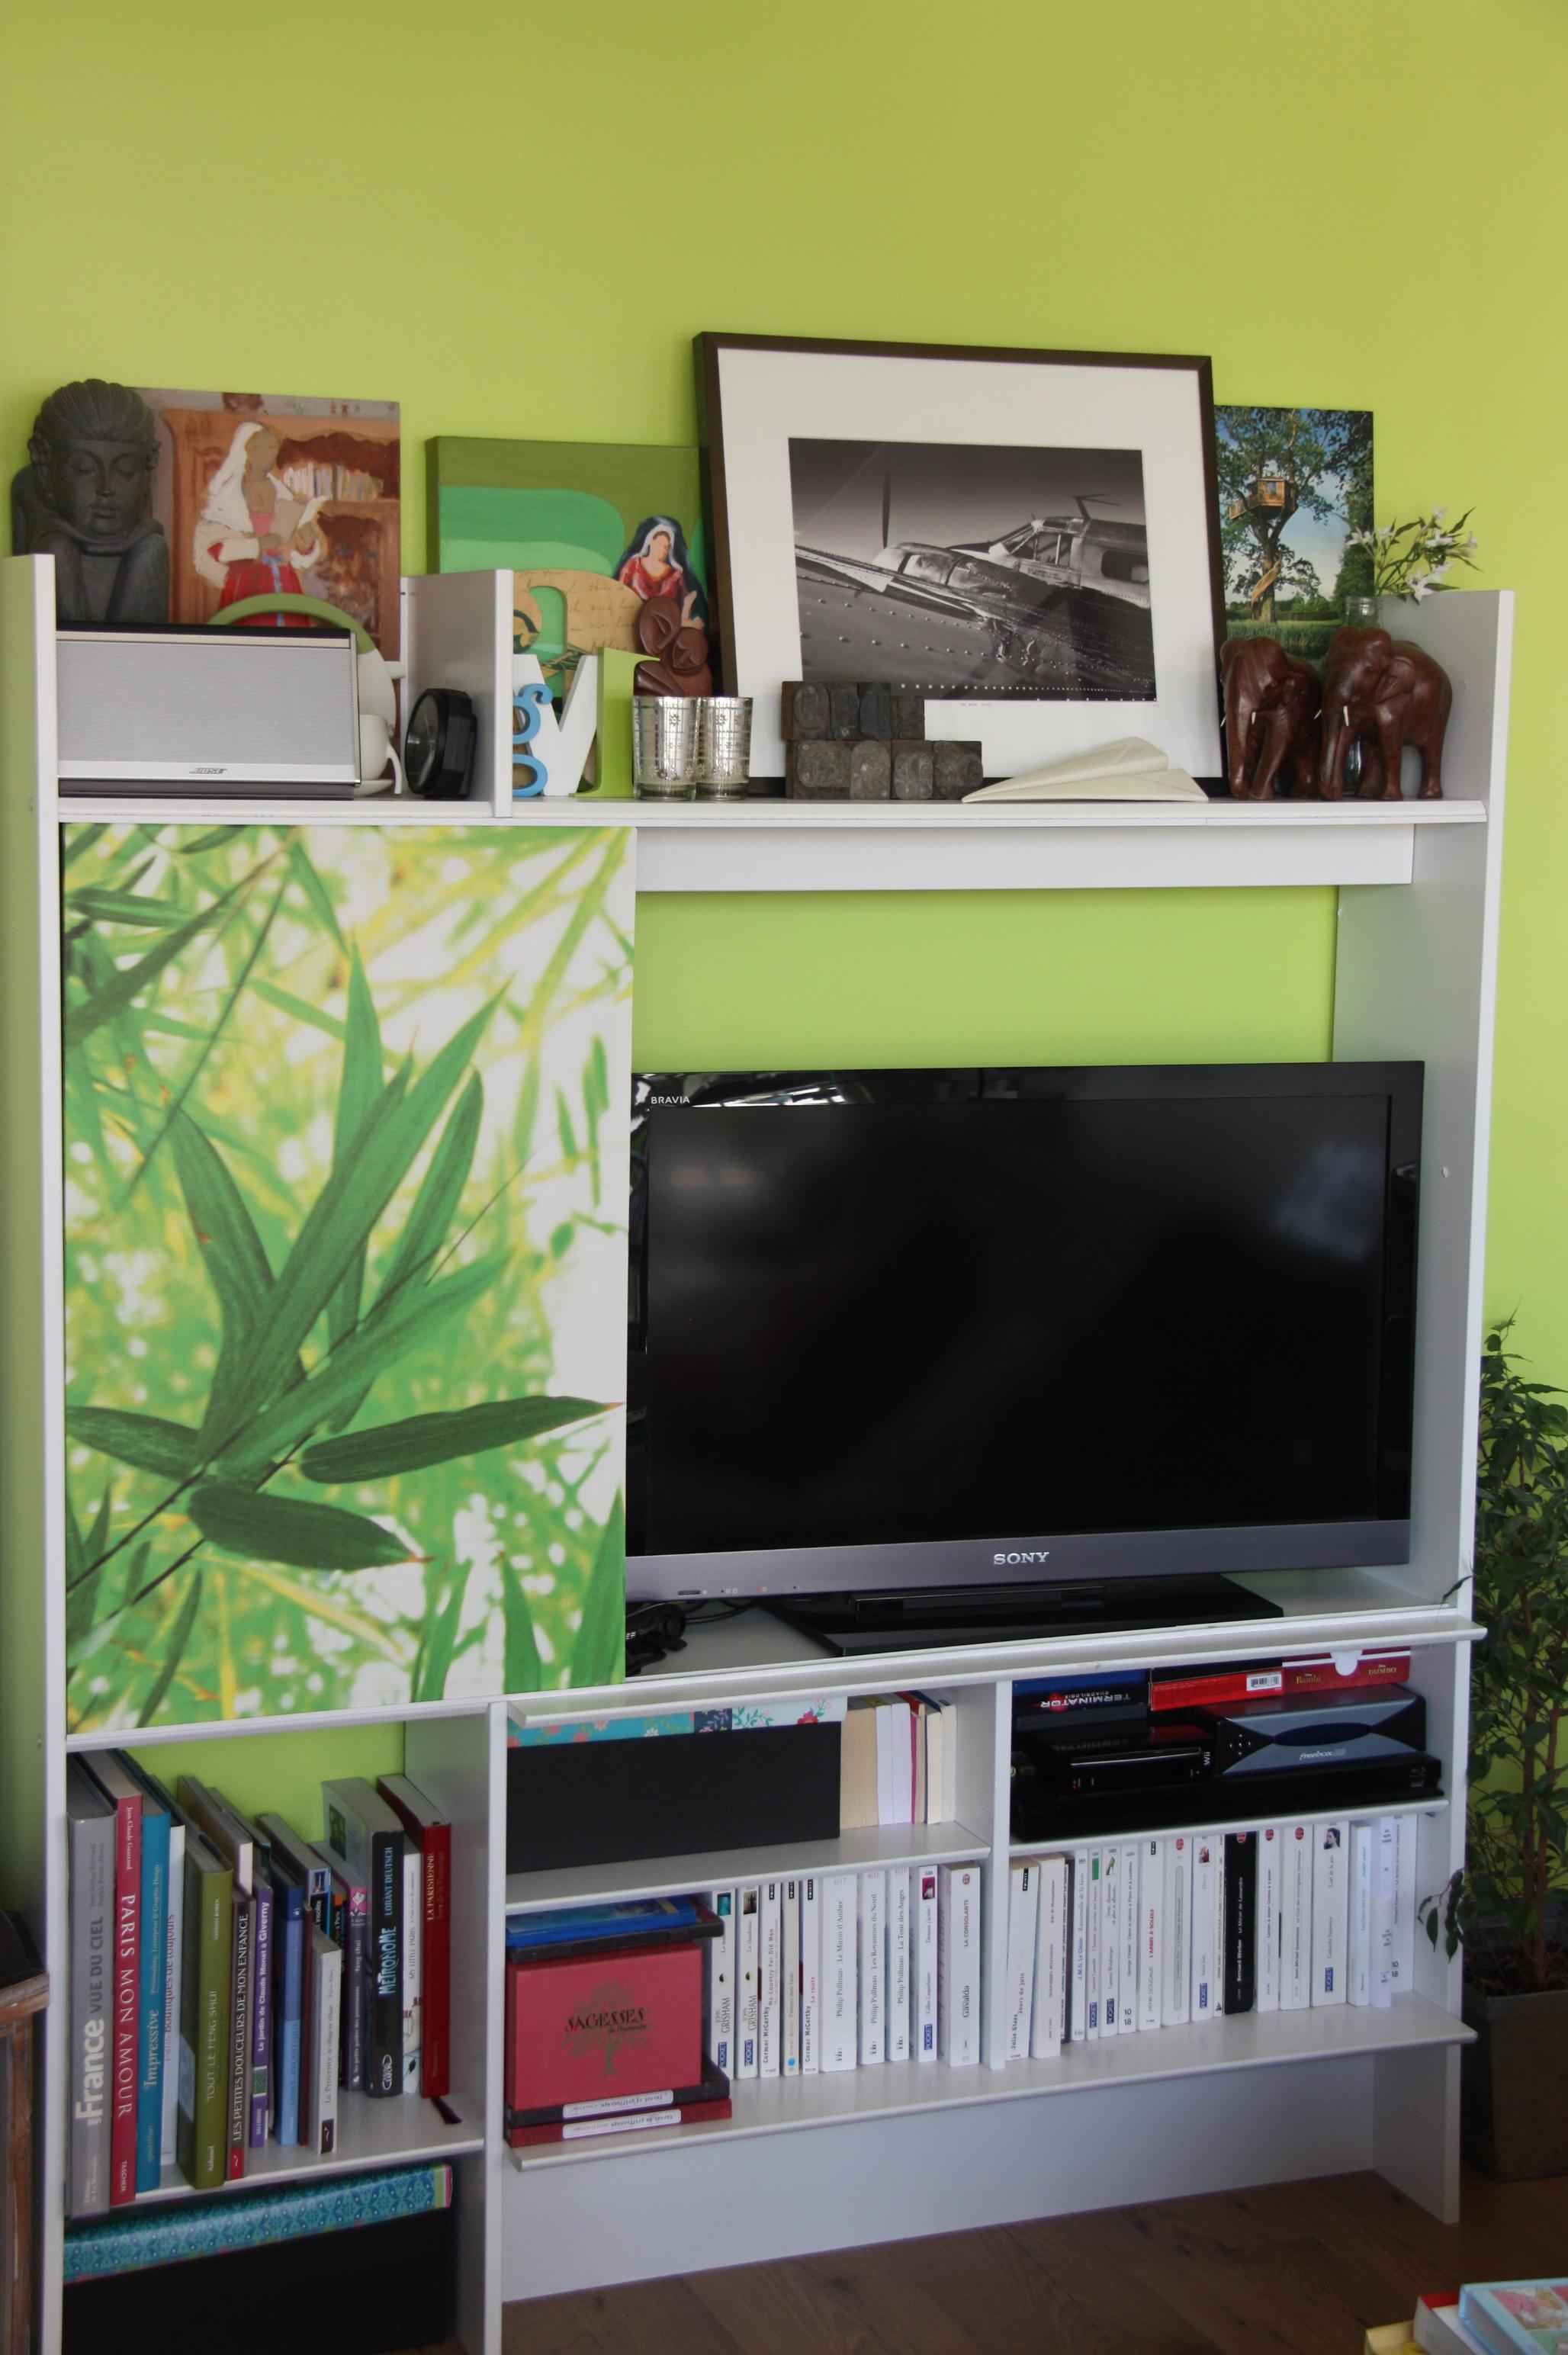 cacher la tl meuble t l avec bureau meuble pour cacher tv cacher la tl comment latest meuble. Black Bedroom Furniture Sets. Home Design Ideas